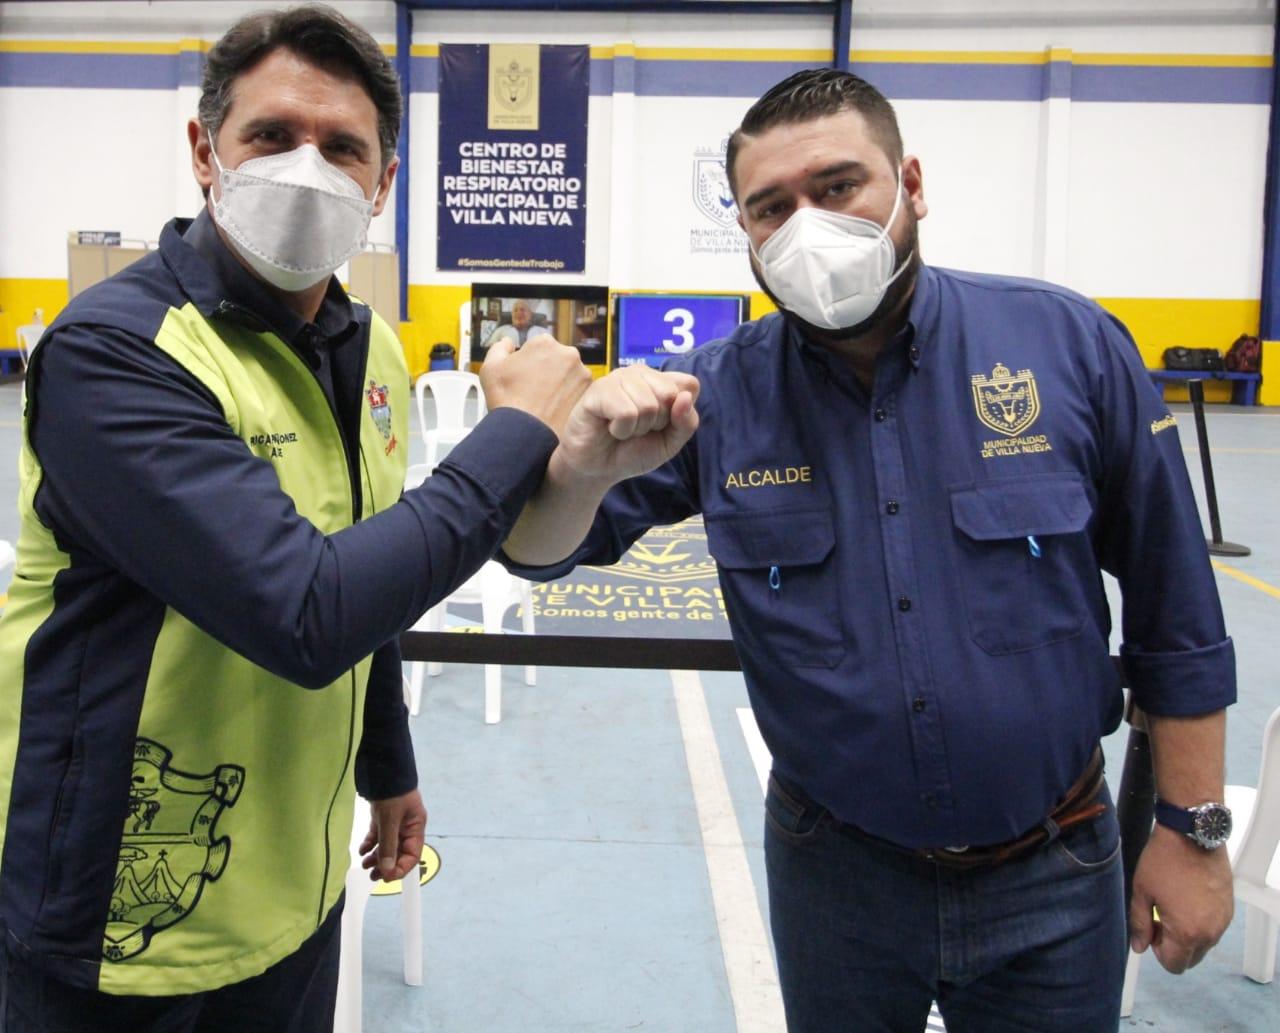 Inauguran Centro de Bienestar Respiratorio en Villa Nueva